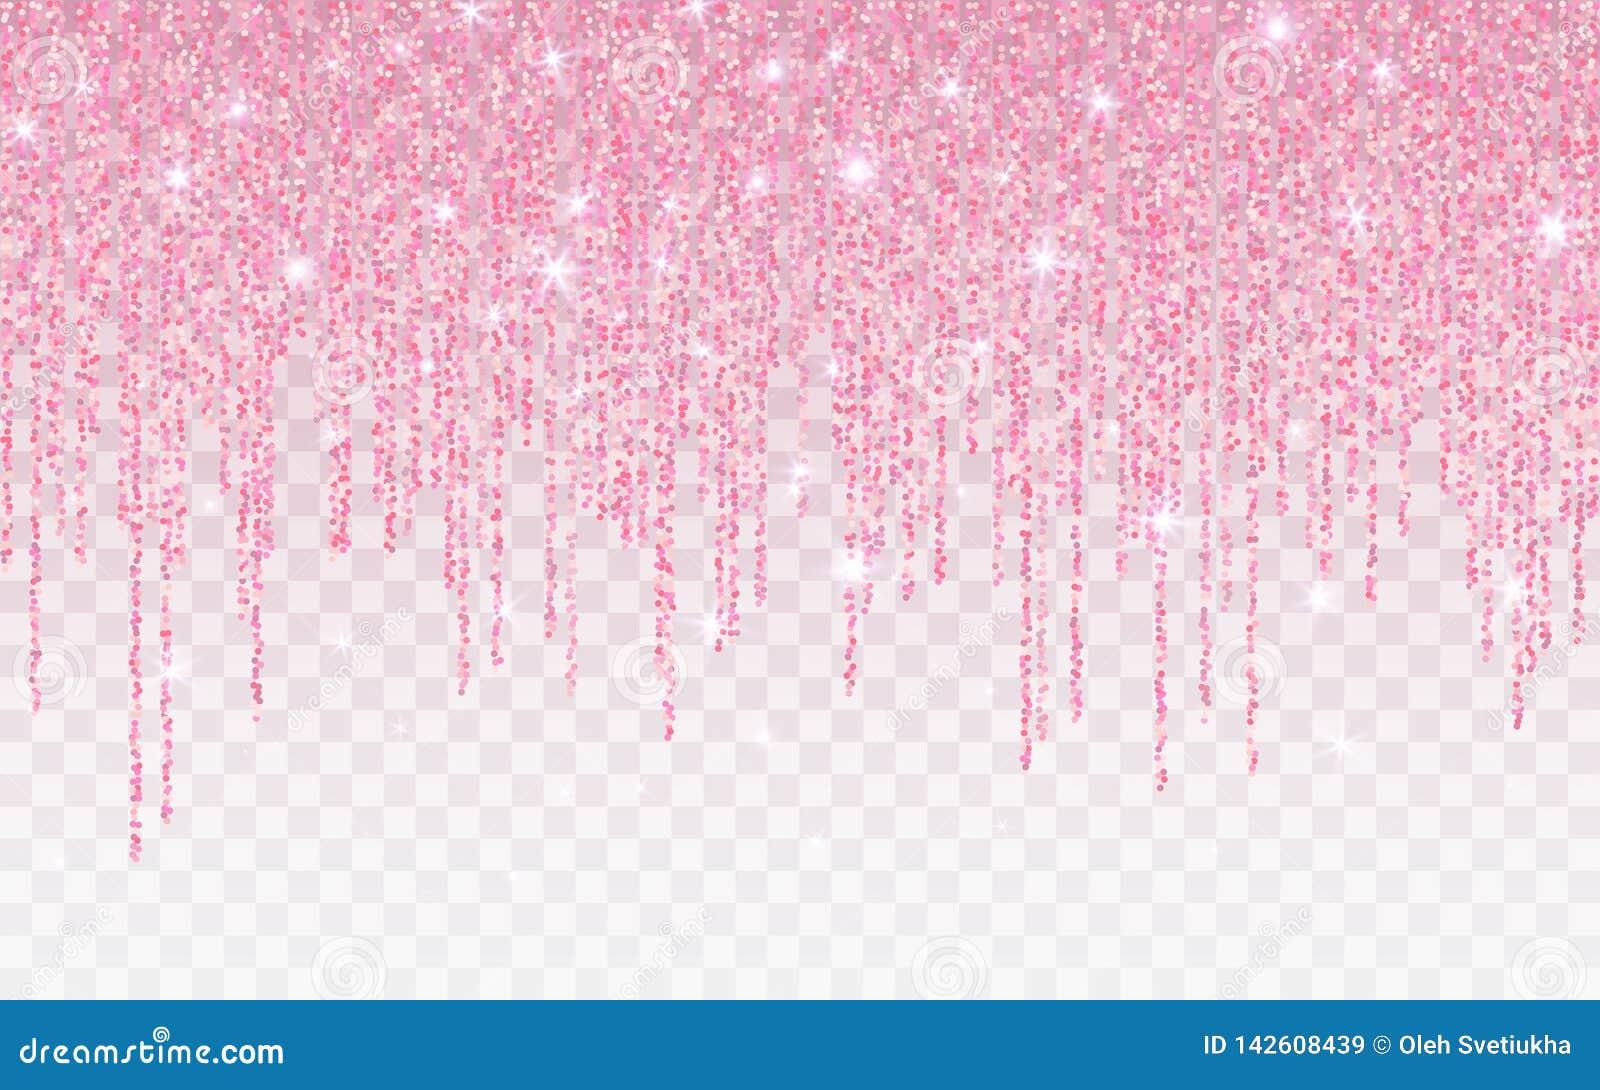 Το ροζ ακτινοβολεί σπινθήρισμα σε ένα διαφανές υπόβαθρο Αυξήθηκε χρυσό δονούμενο υπόβαθρο με αστράφτει φω τα r